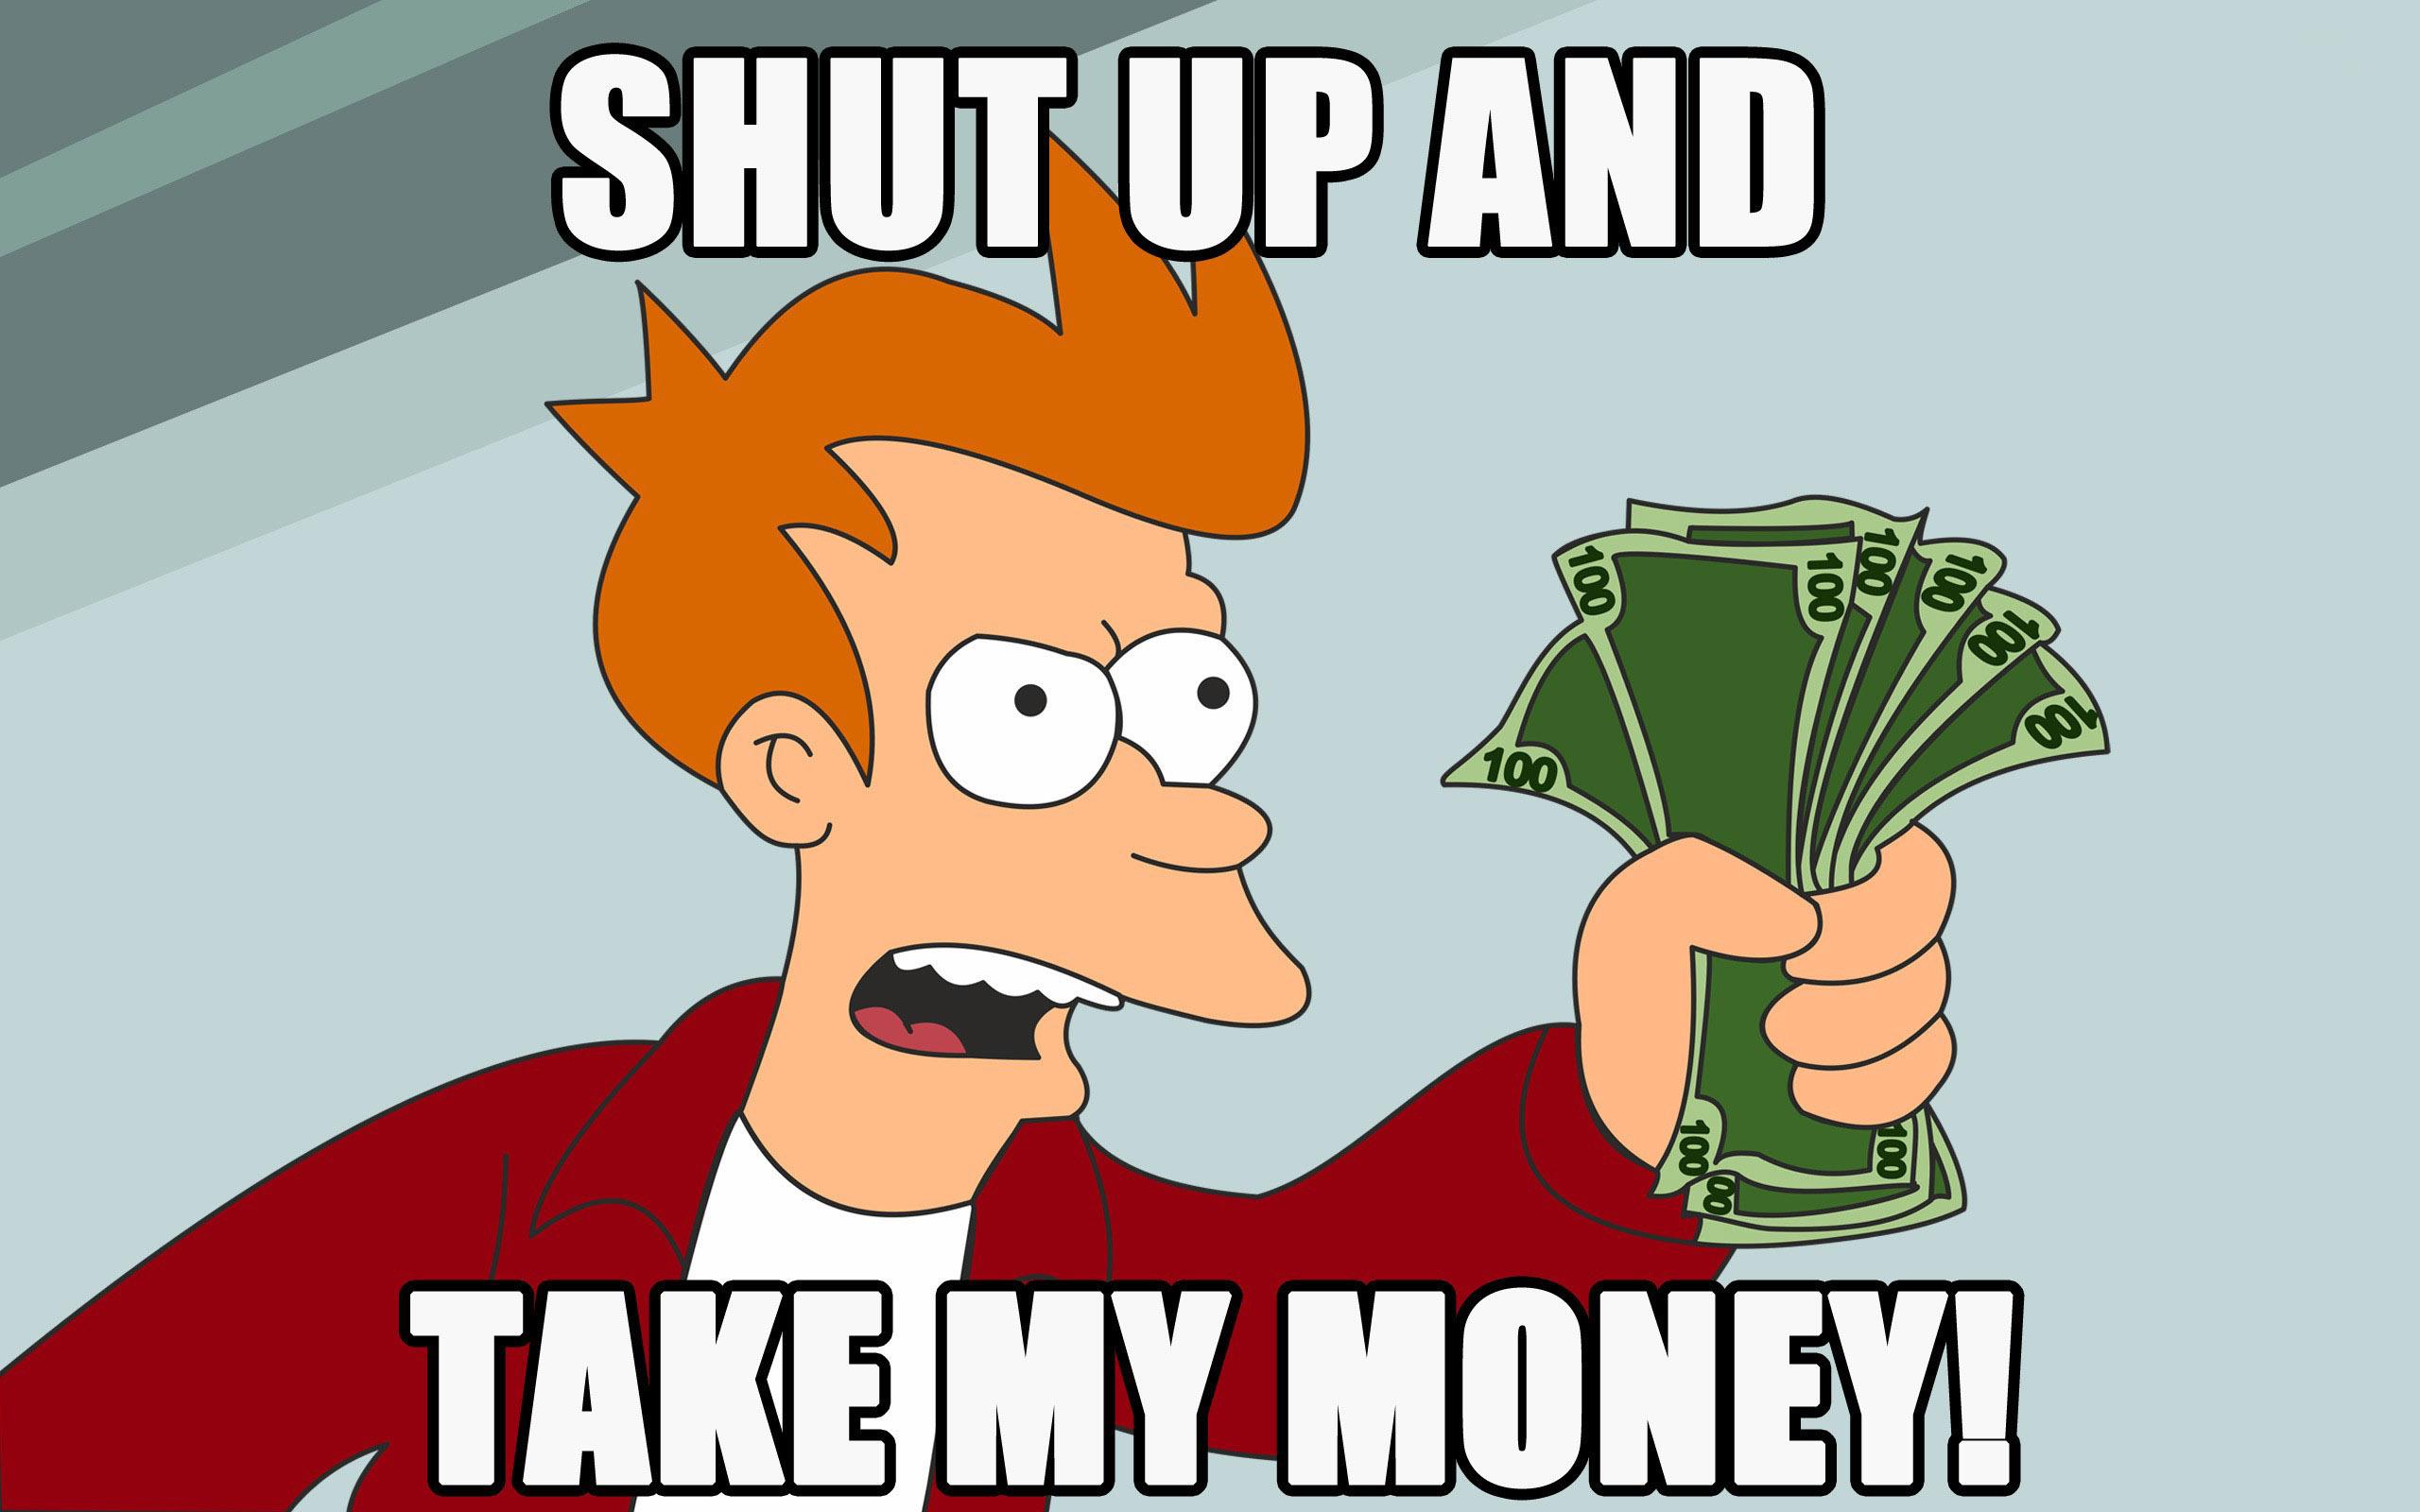 04VSoFfvxvw Люди будут молить тебя: «Возьми наши деньги, чувак!»